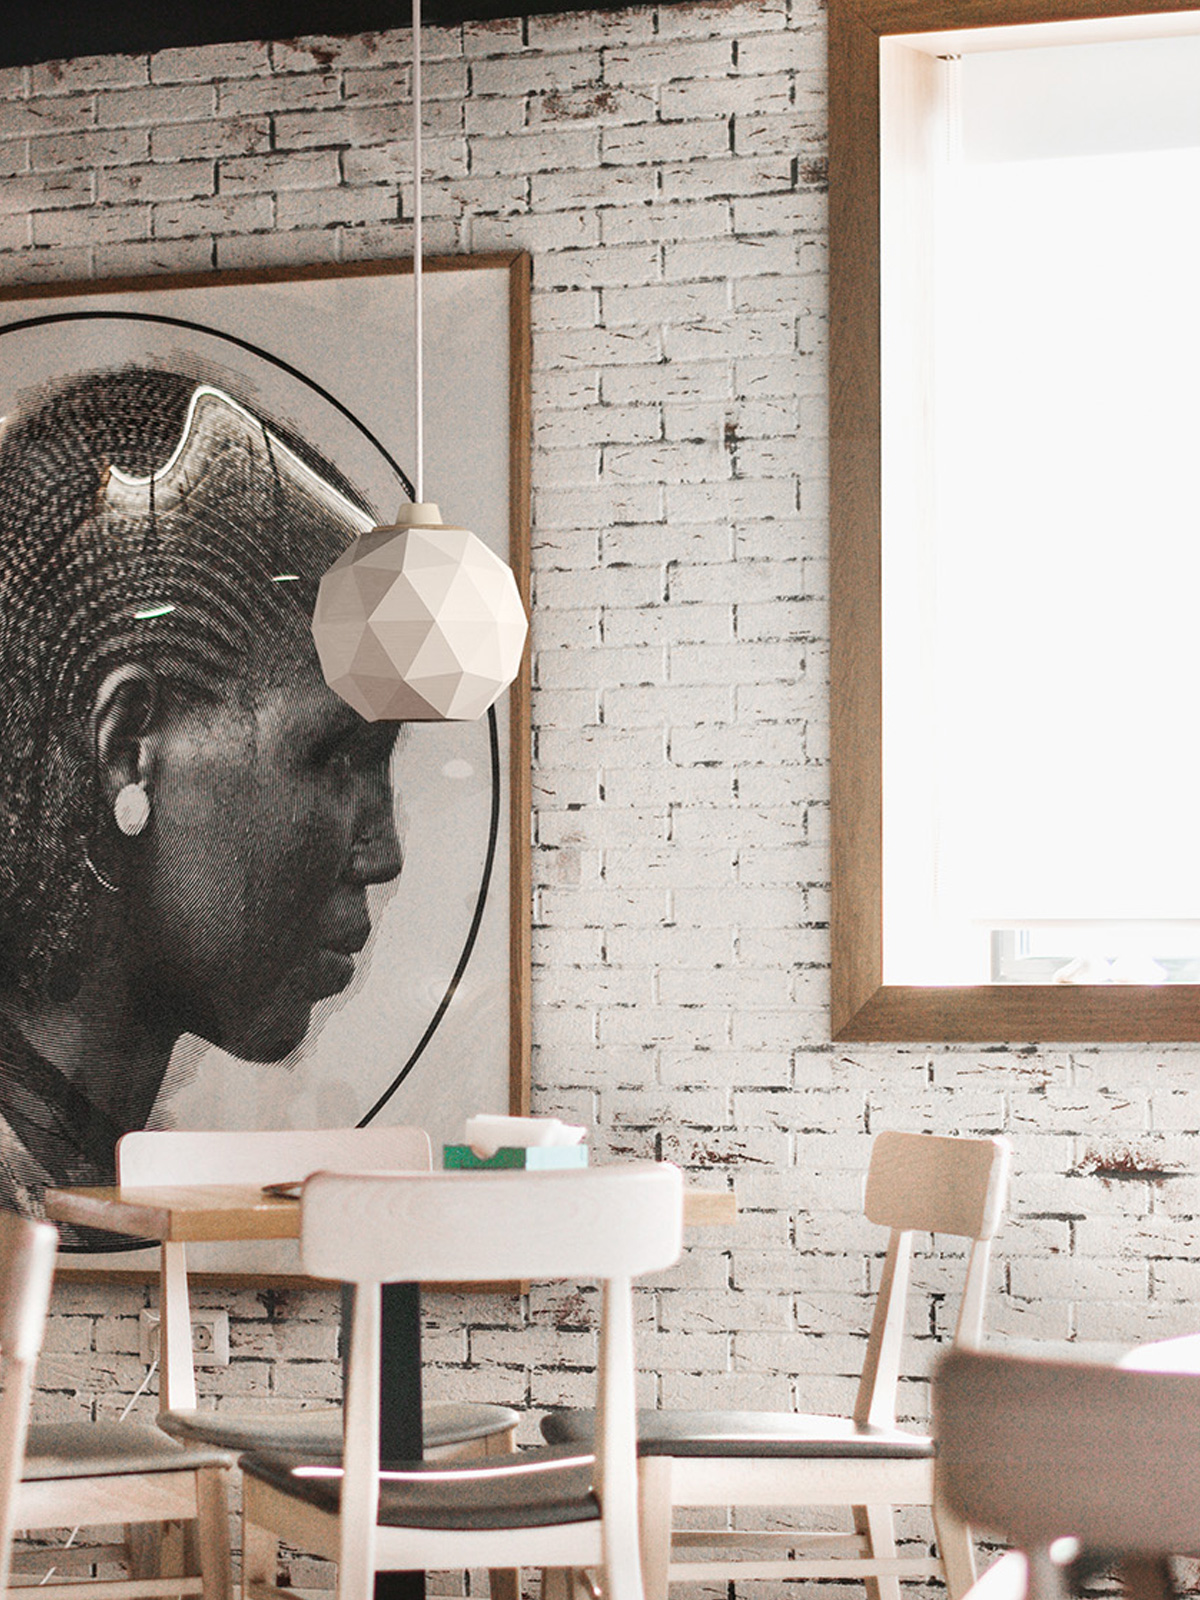 Mono Ico Polyluma DeisgnOrt Lampen Laden Online Shop Leuchten Berlin Designerleuchte Pendelleuchte